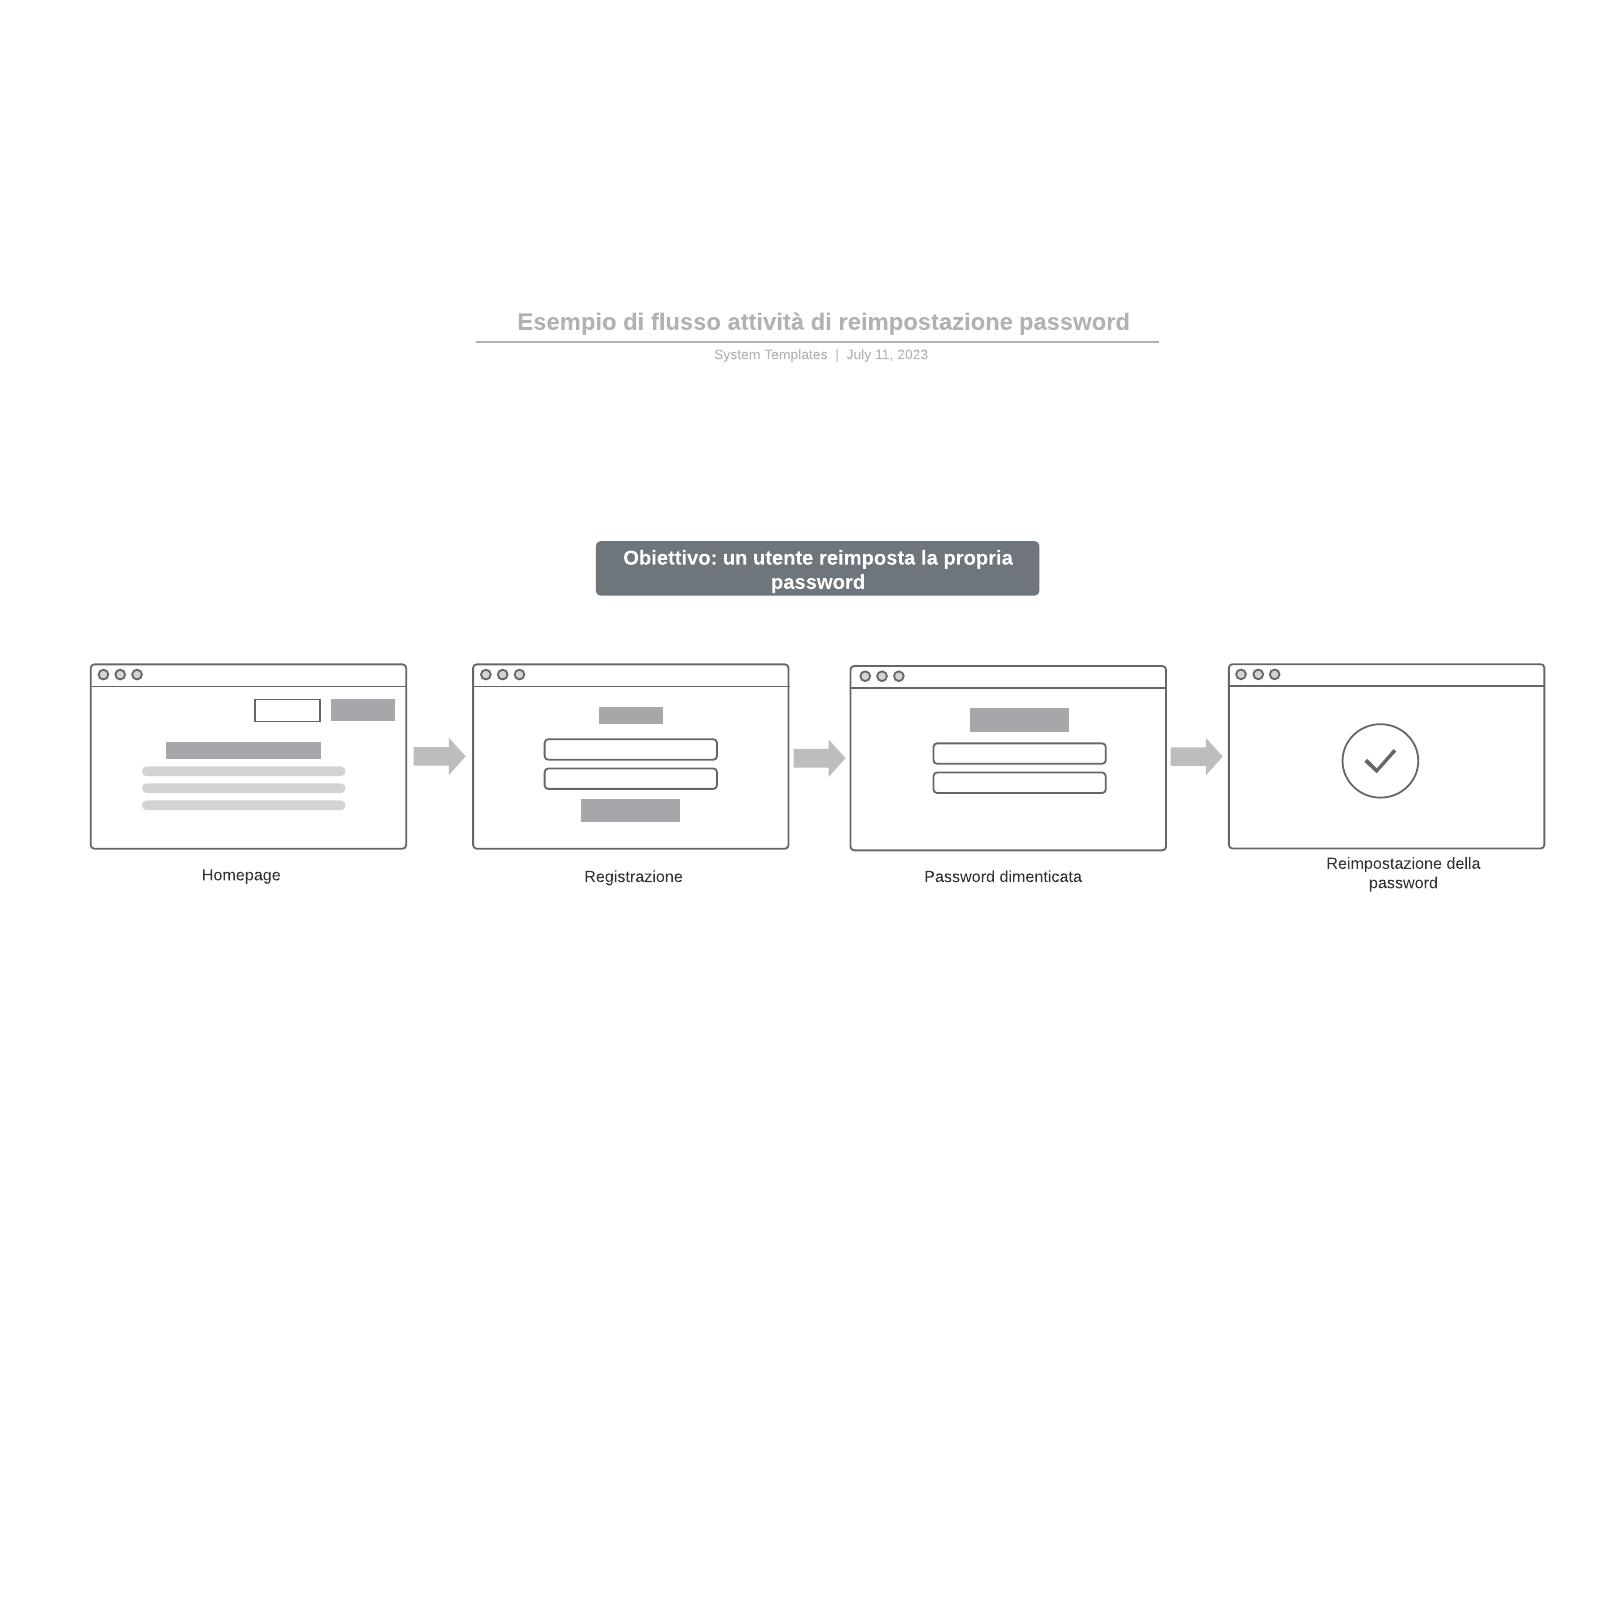 Esempio di flusso attività di reimpostazione password